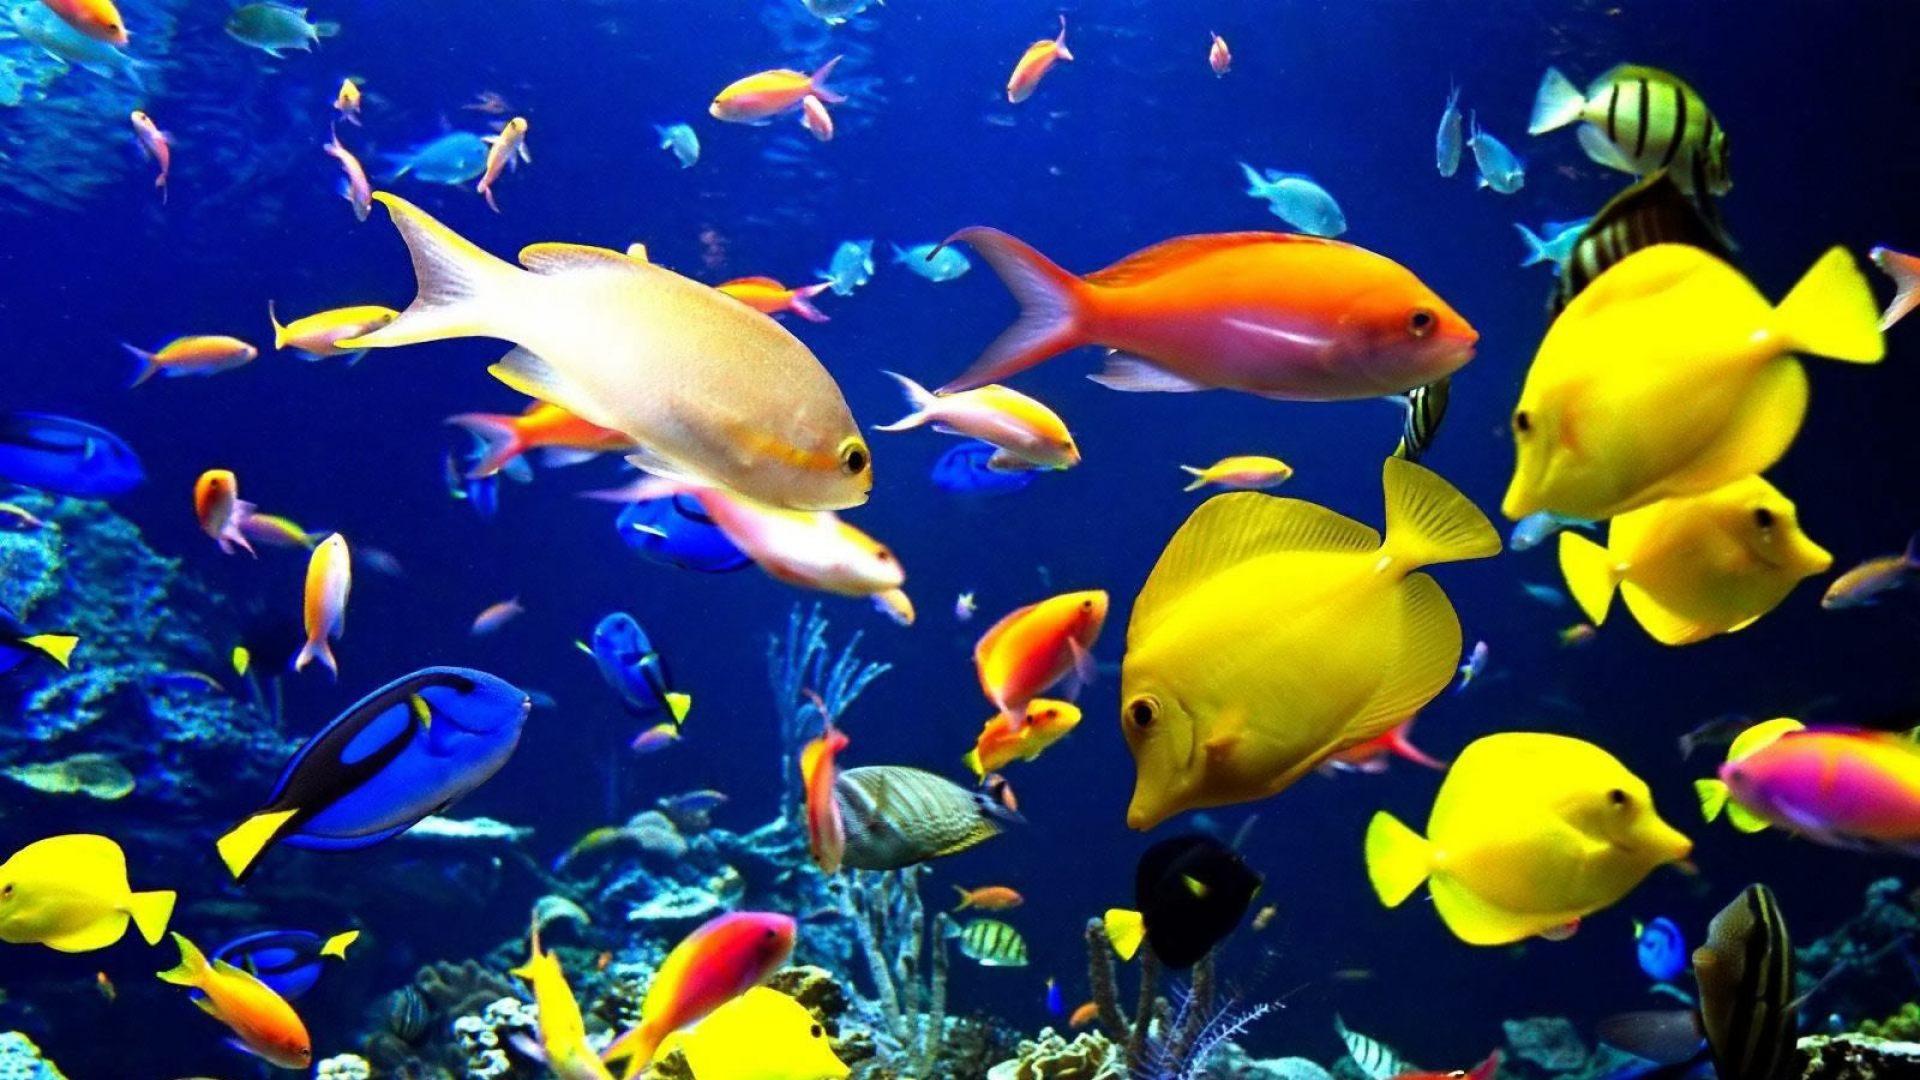 Fondo de escritorio de peces tropicales 1920x1080 for Peces tropicales